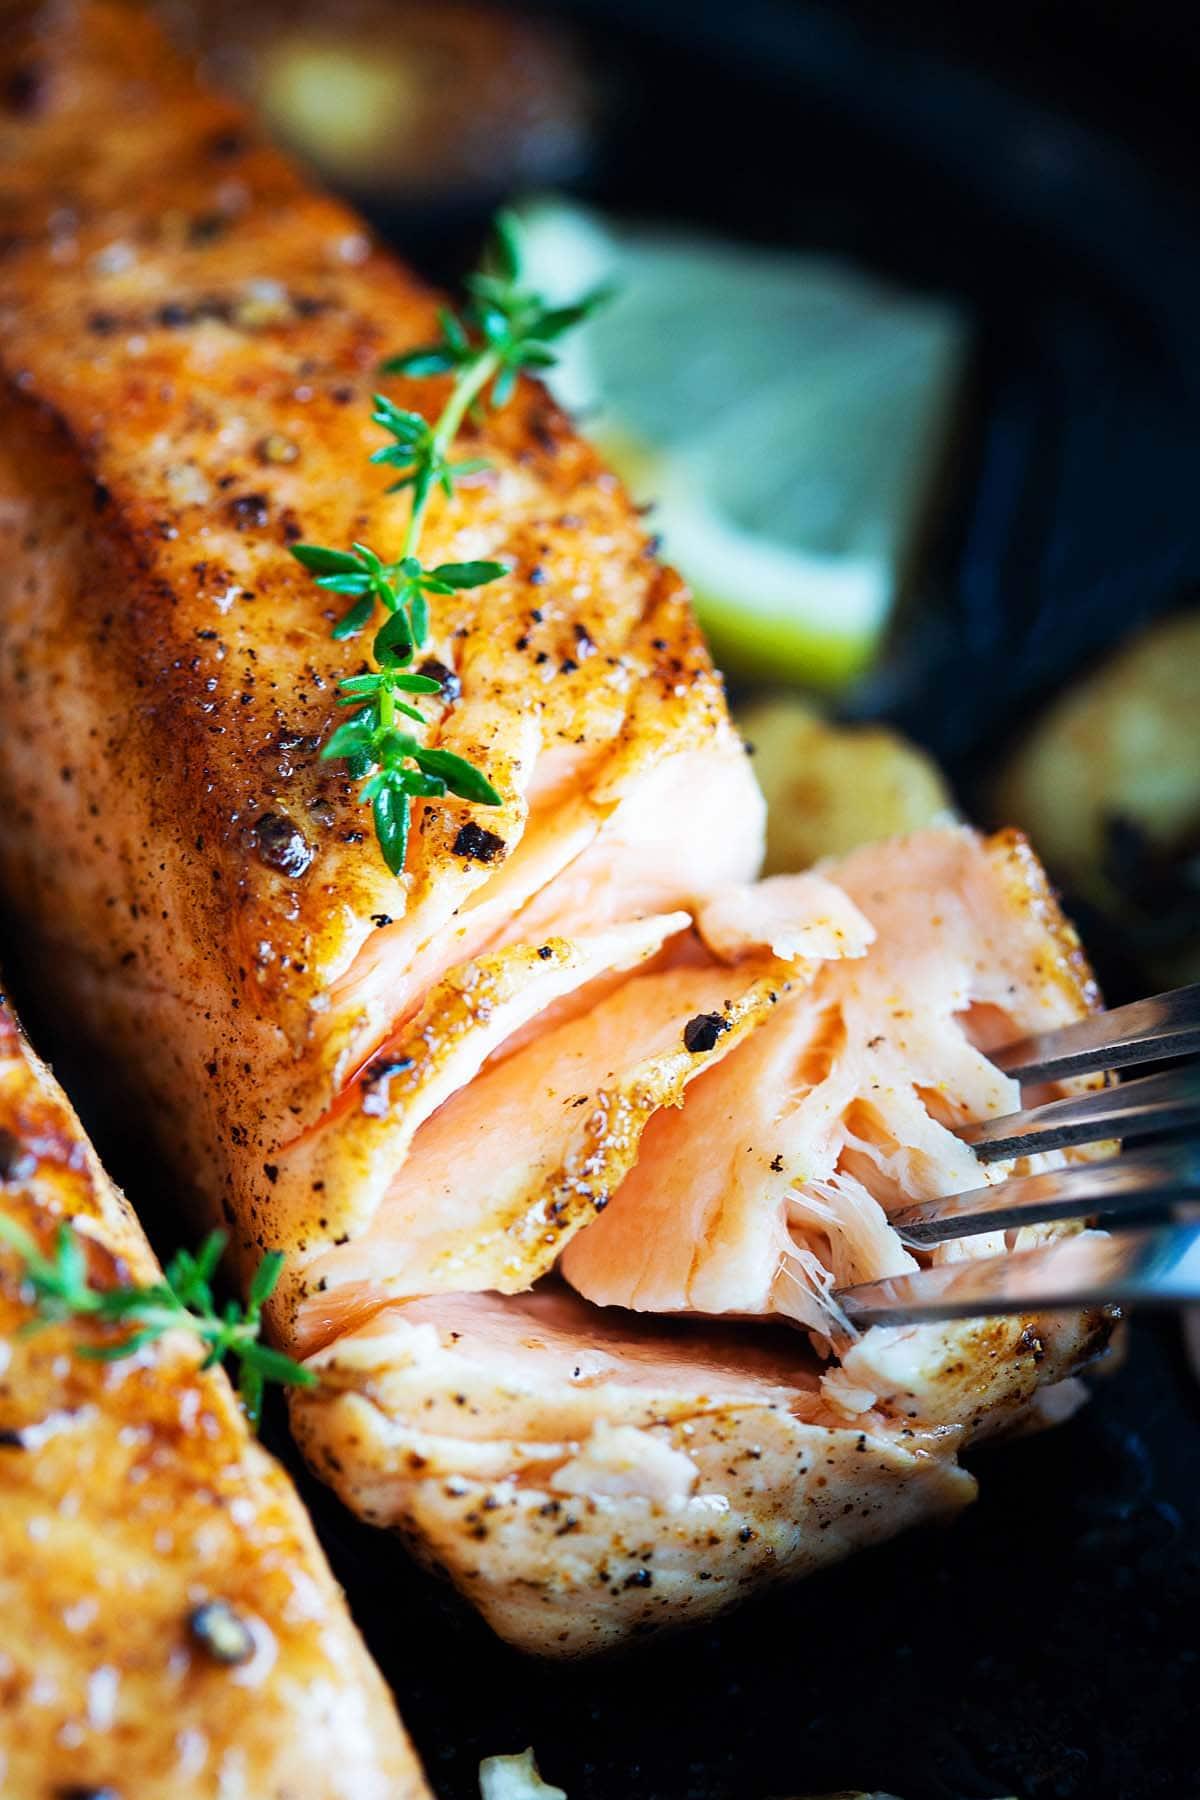 Meilleur filet de saumon croustillant dans une poêle.